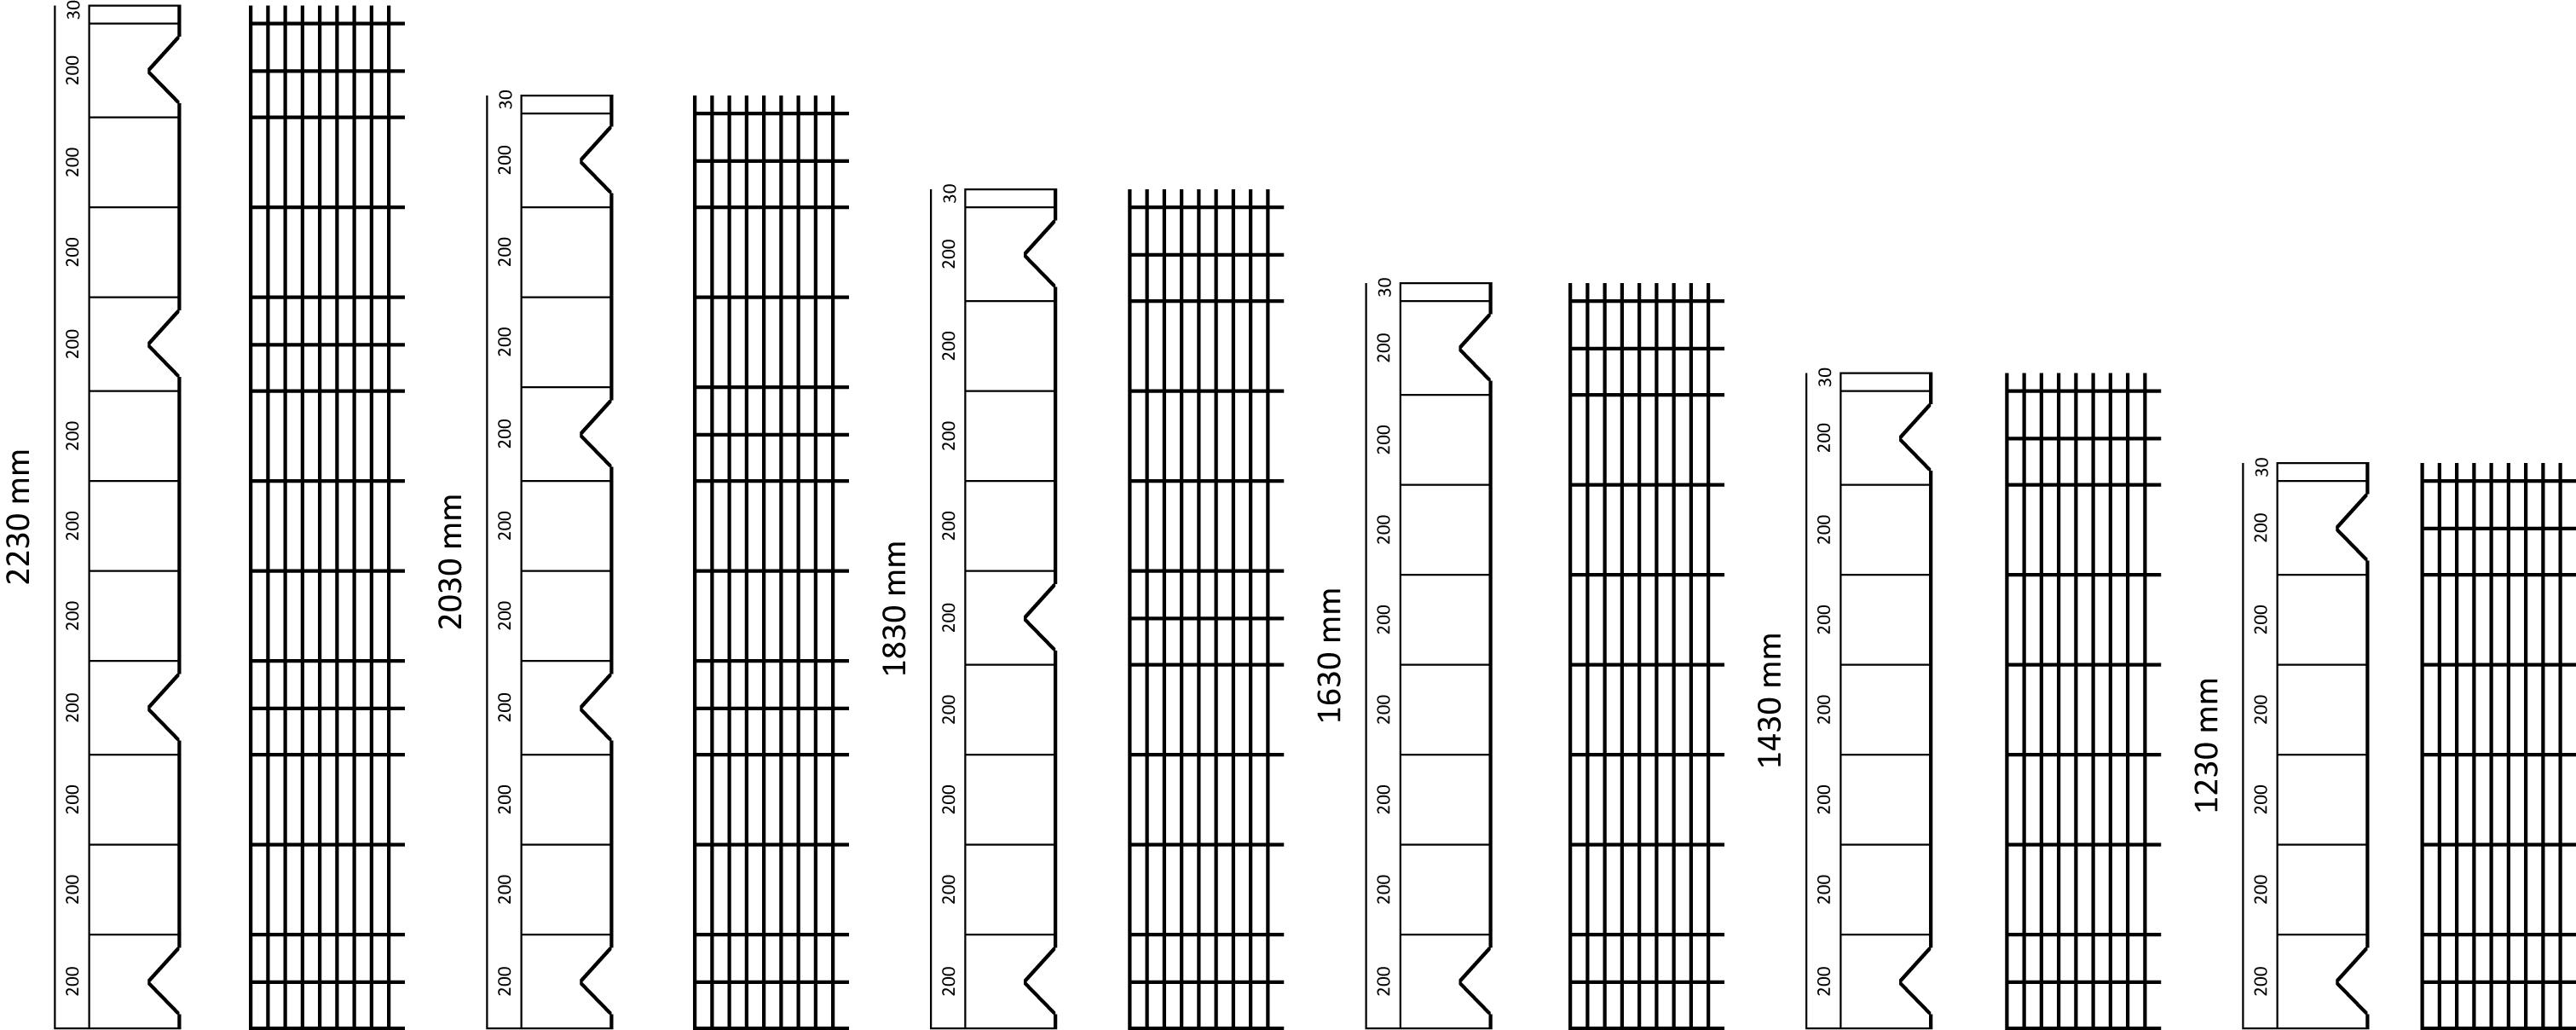 панели ограждения схема и размеры L